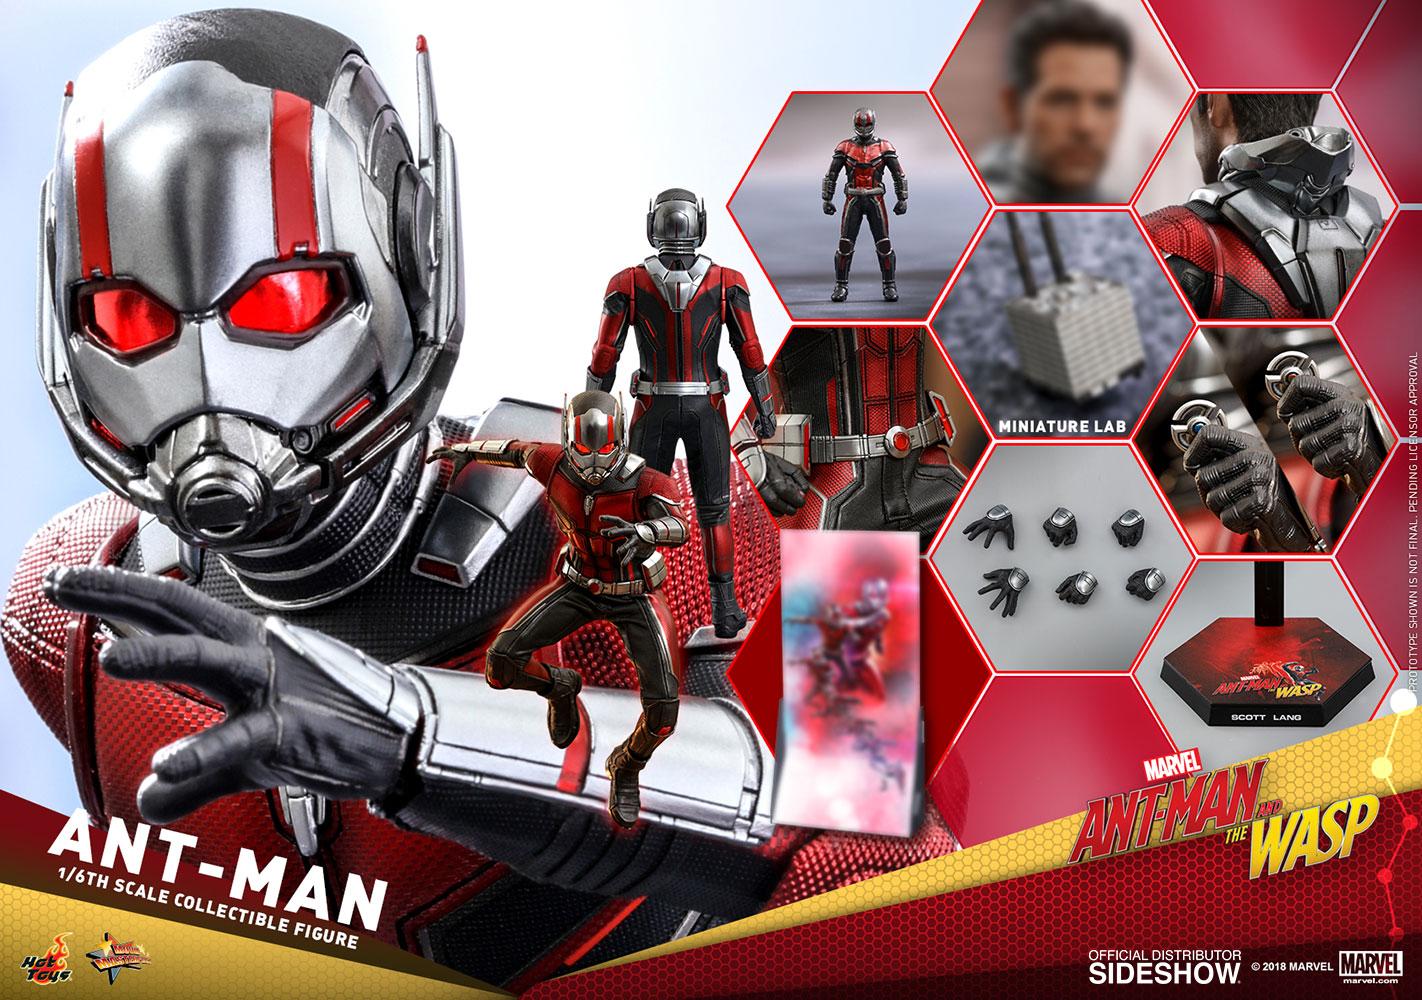 Ant-Man -Film Aksi Terbaik